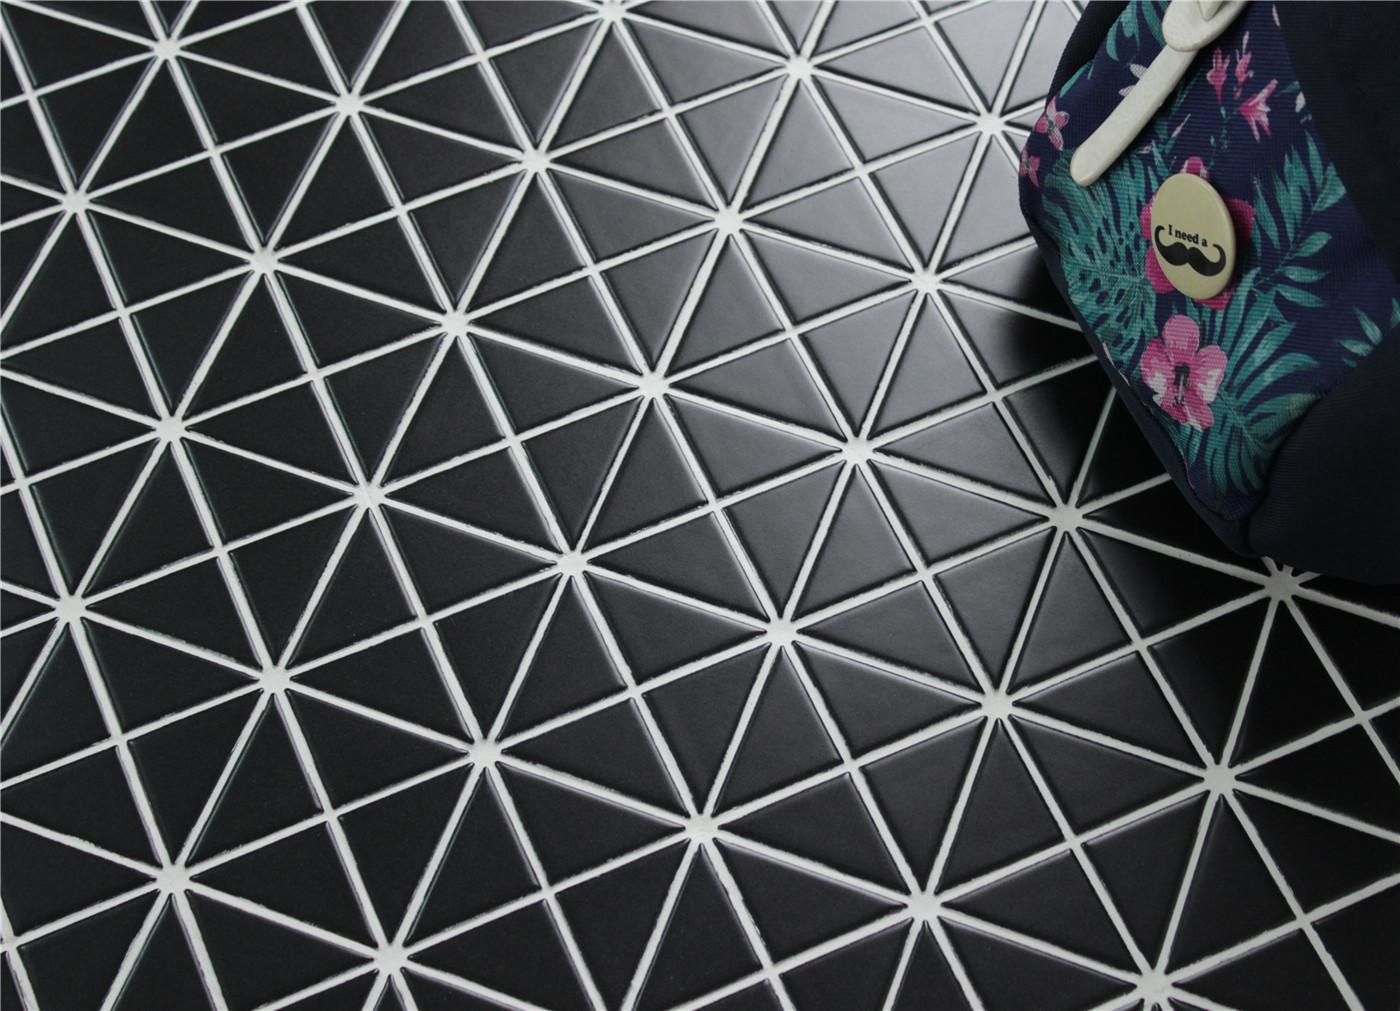 23939 Pure Black Matte Porcelain Triangle Mosaic Floor Tile